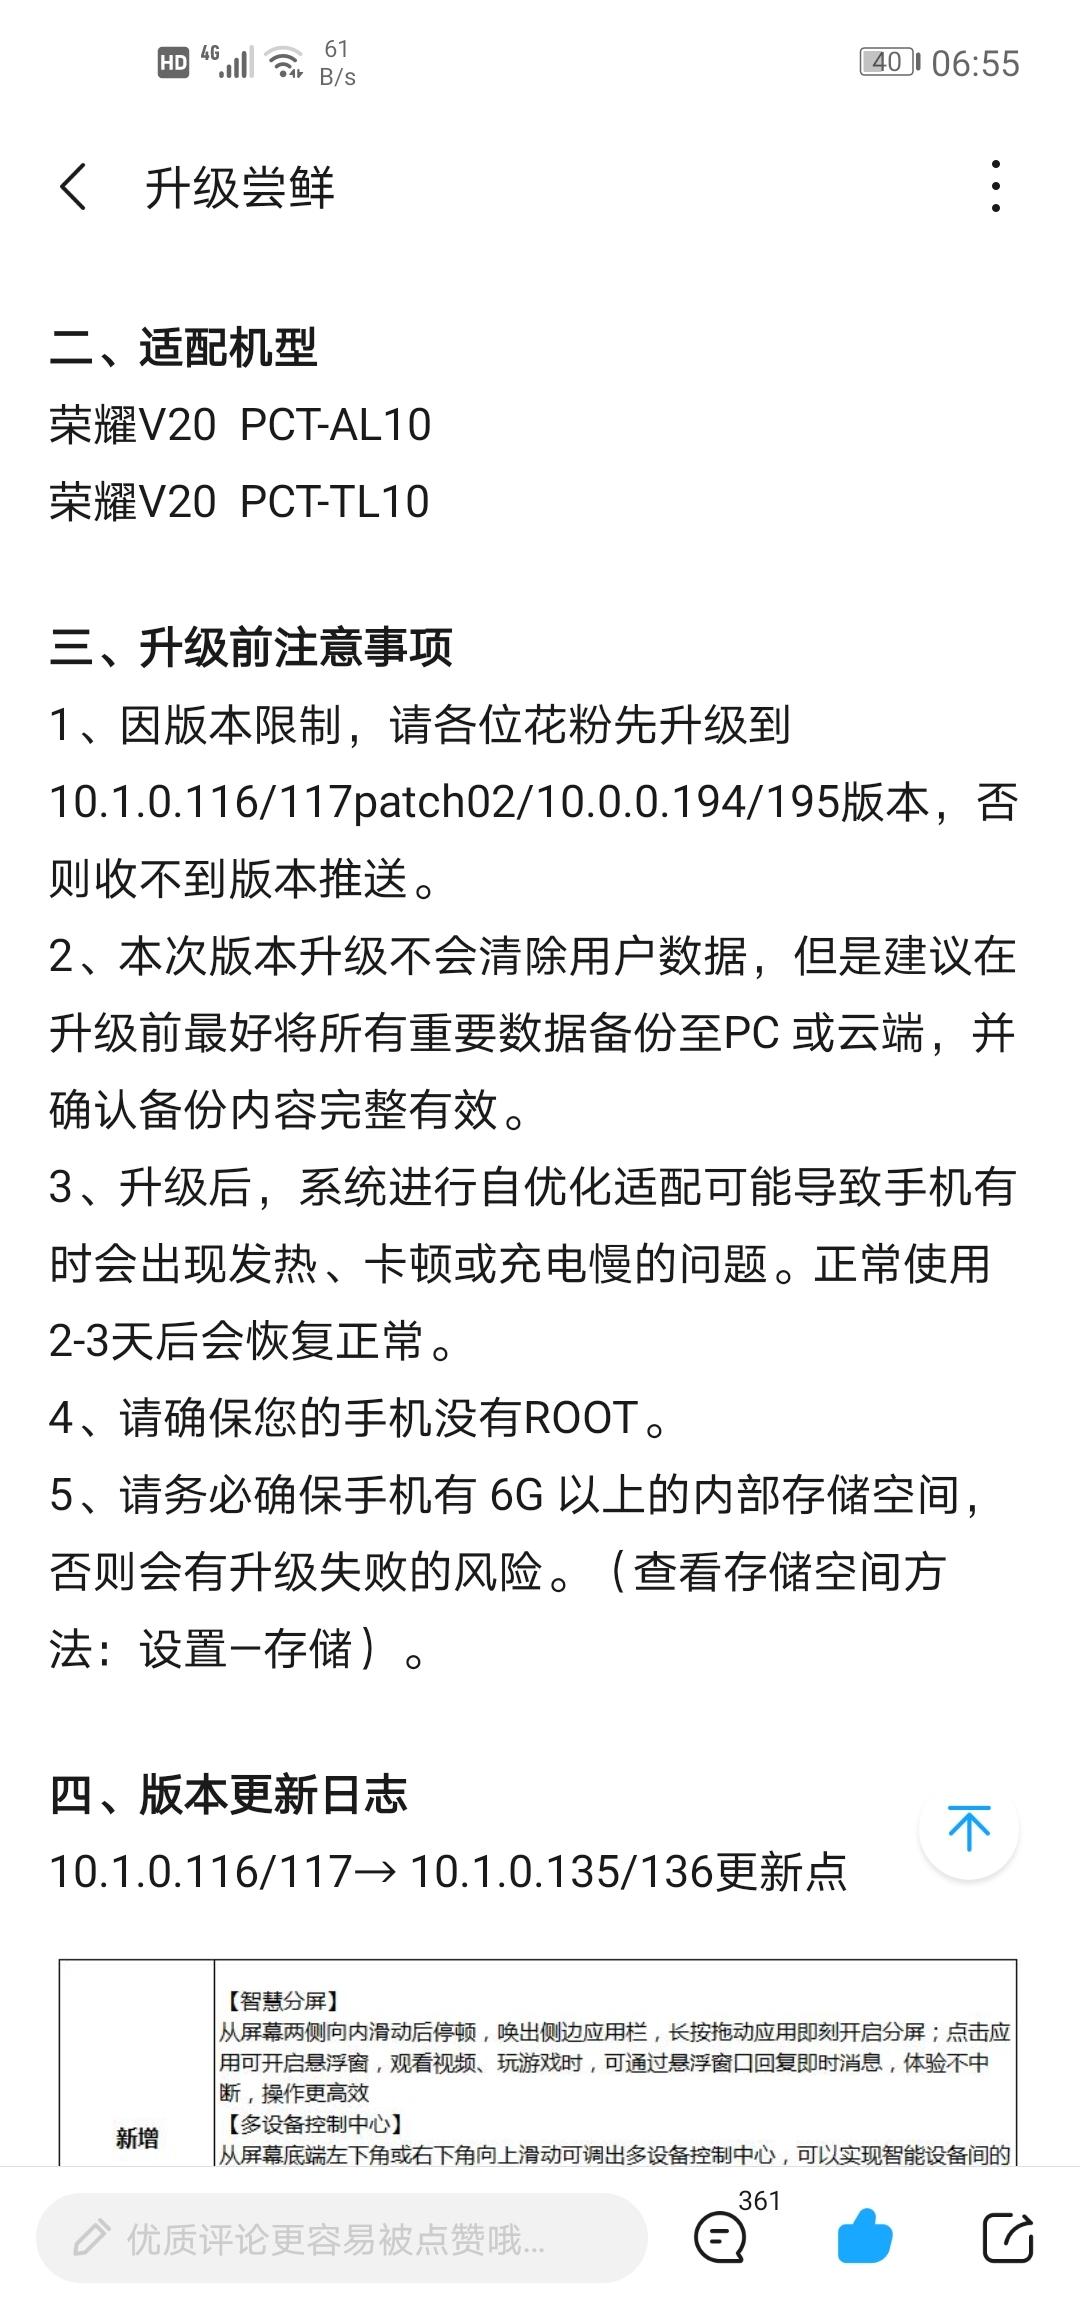 Screenshot_20200515_065528_com.huawei.fans.jpg